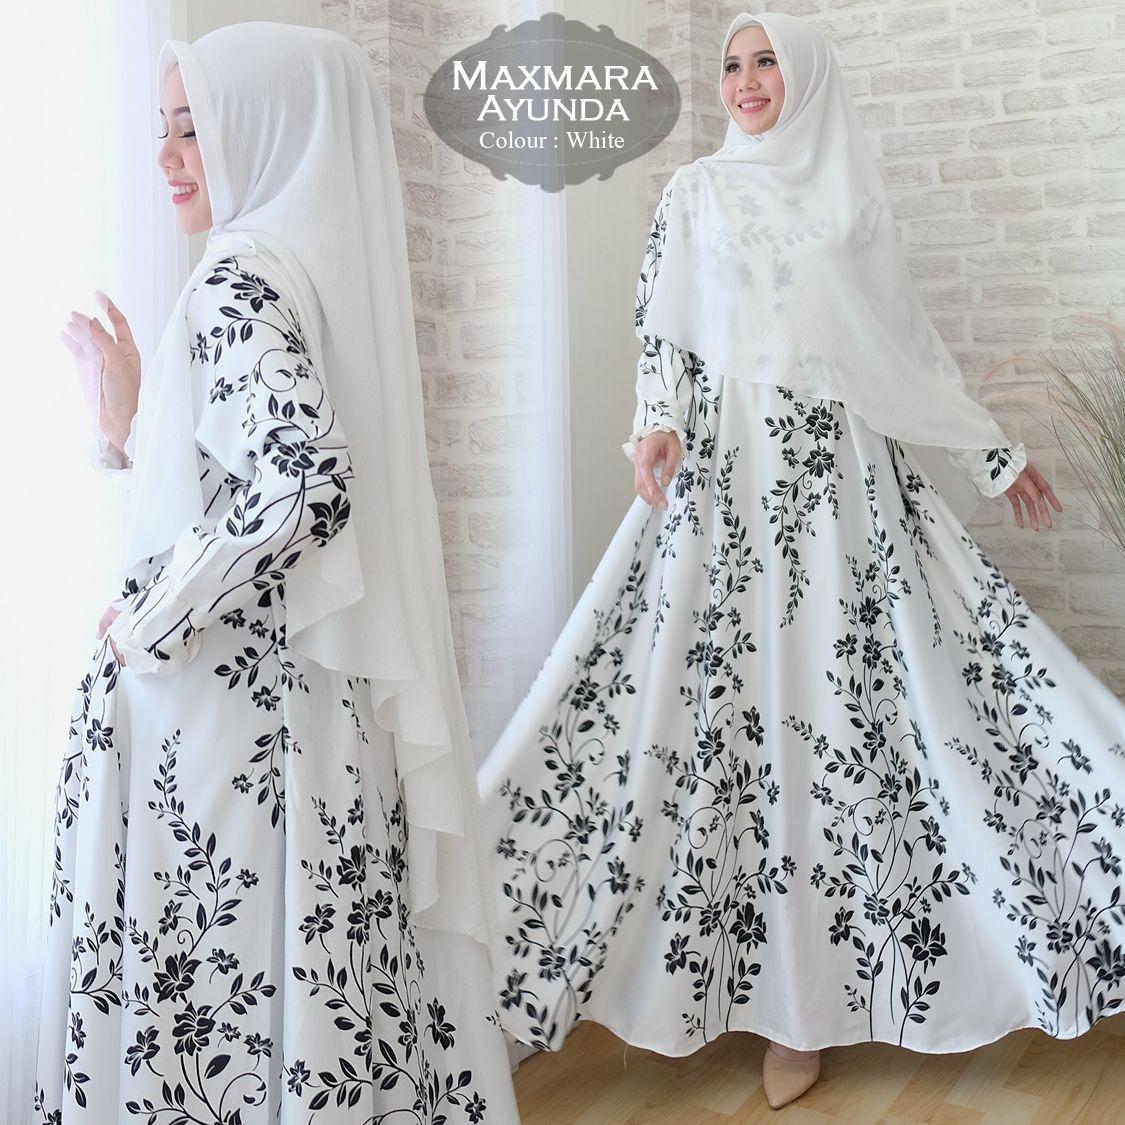 Baju Muslimah / Gamis Maxmara Plus Khimar Ayunda Warna Putih